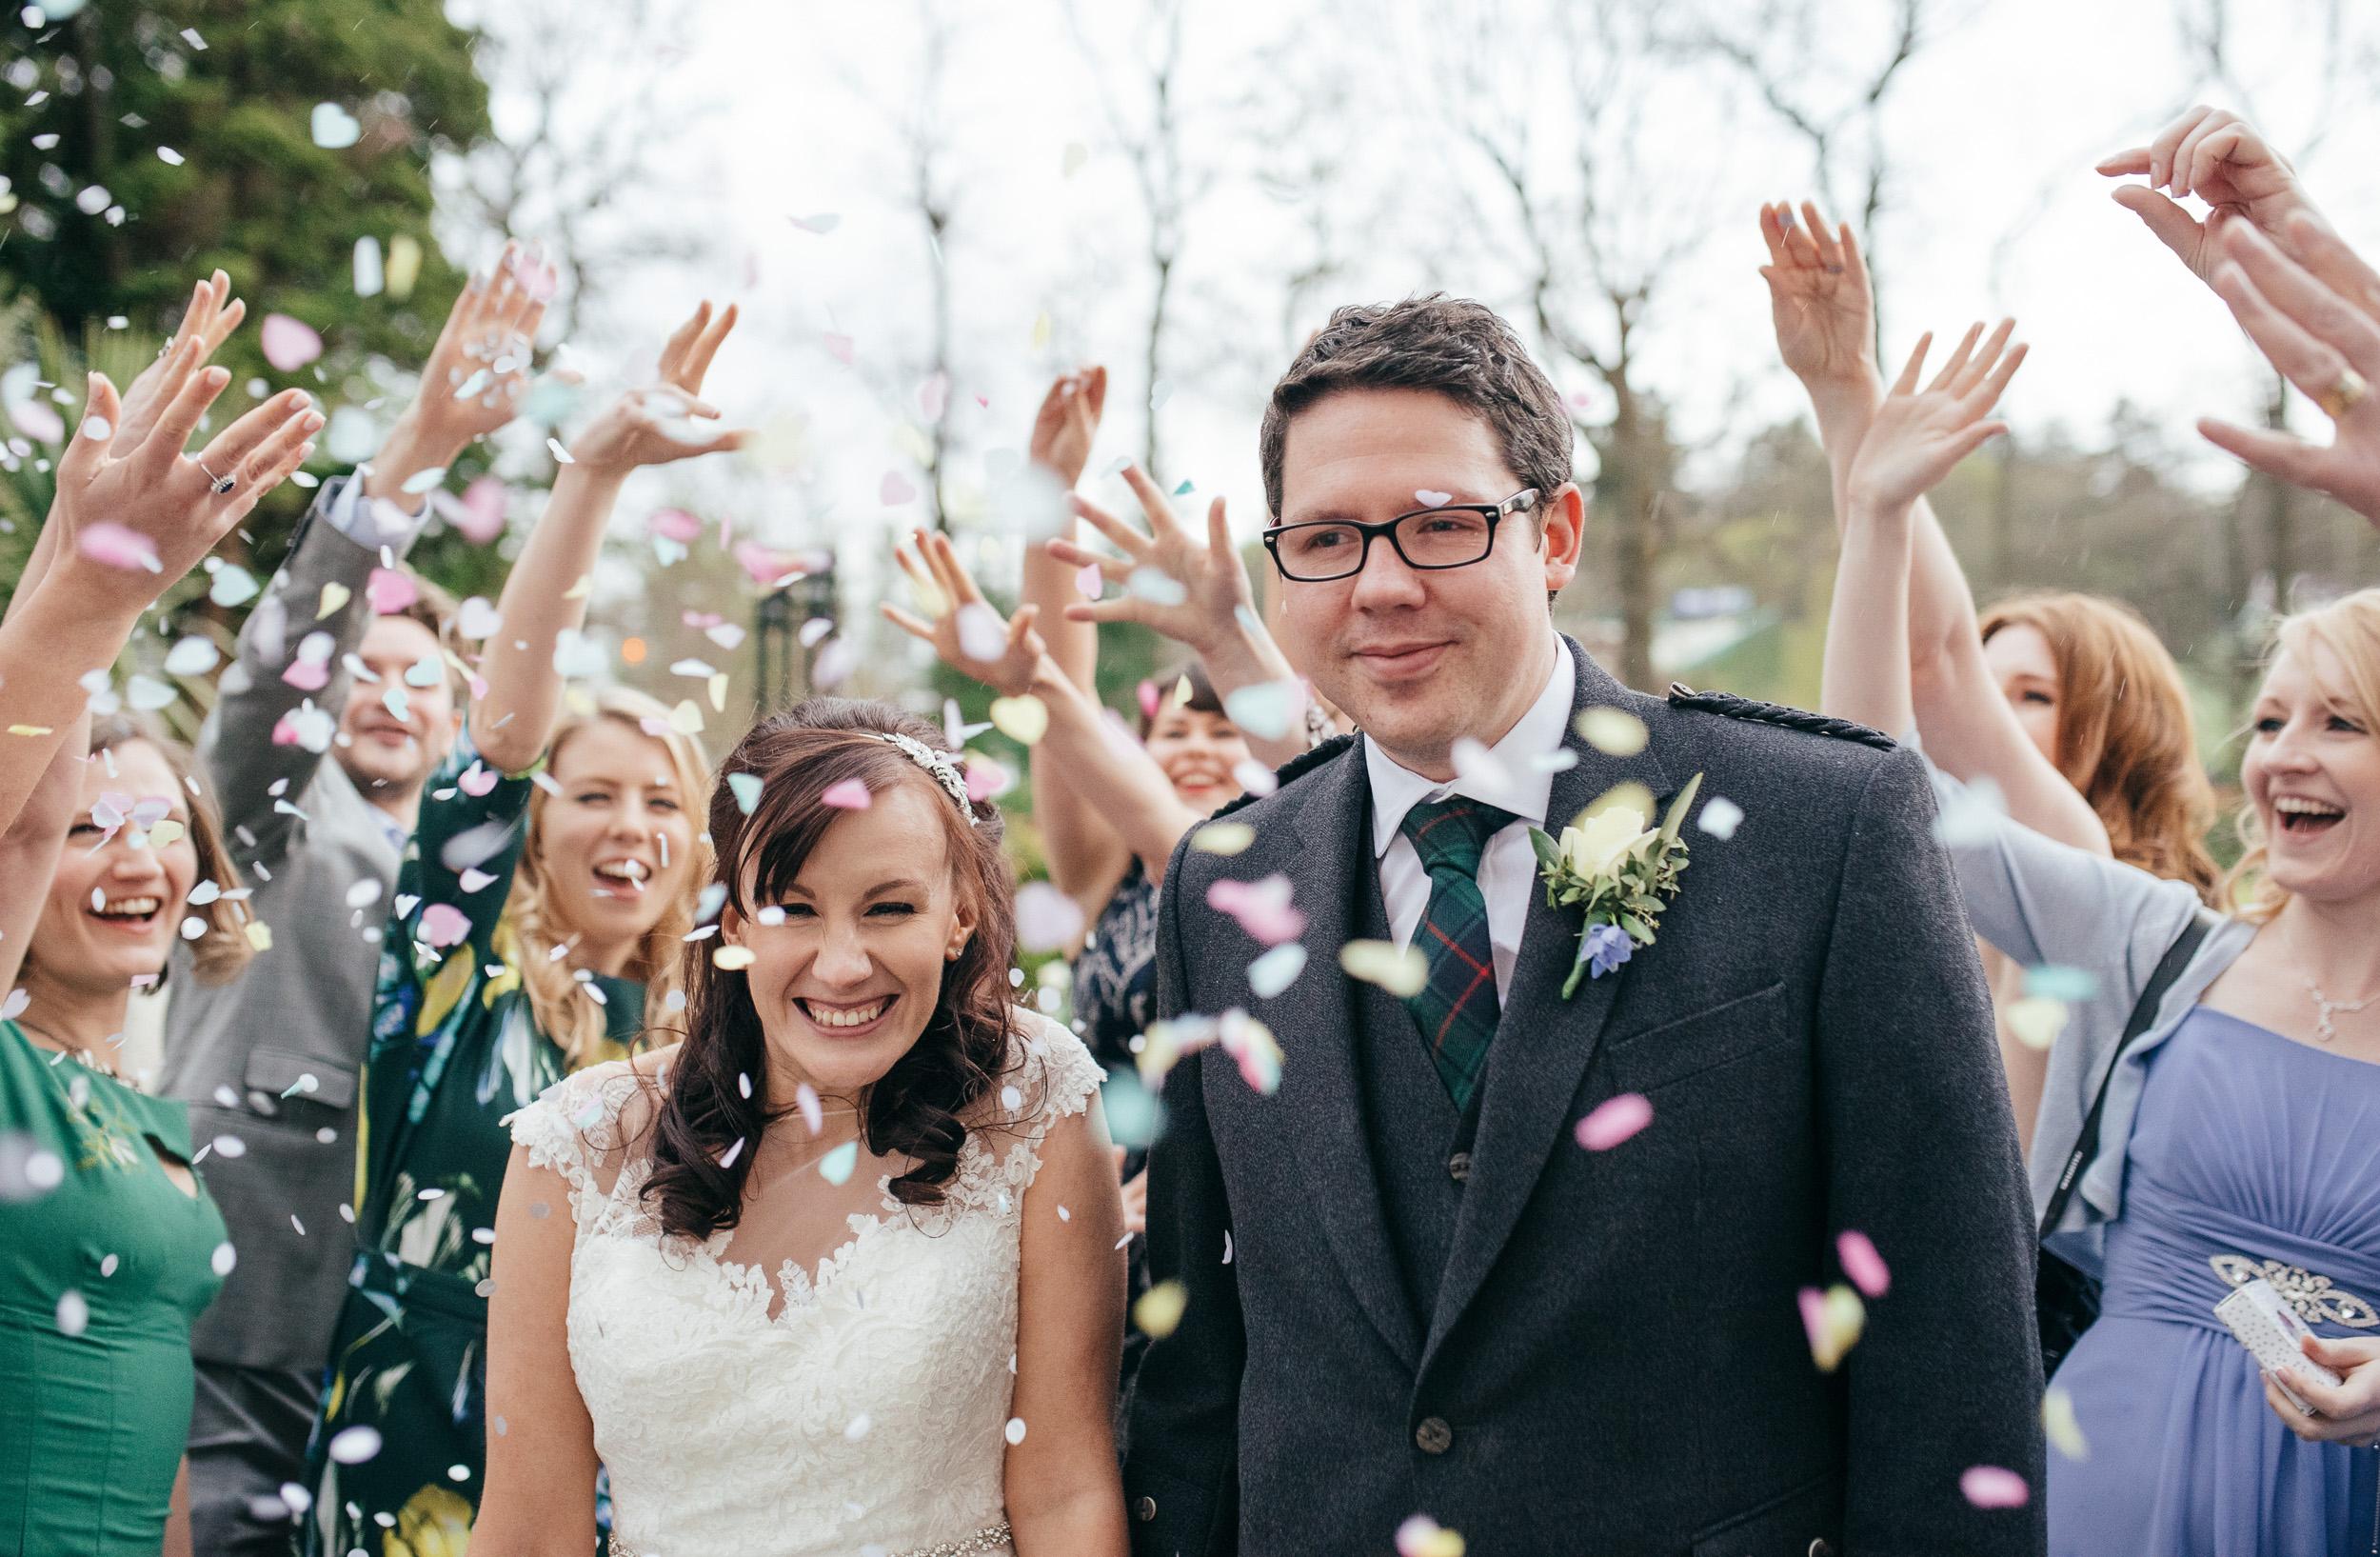 House-for-an-art-lover-wedding257.jpg